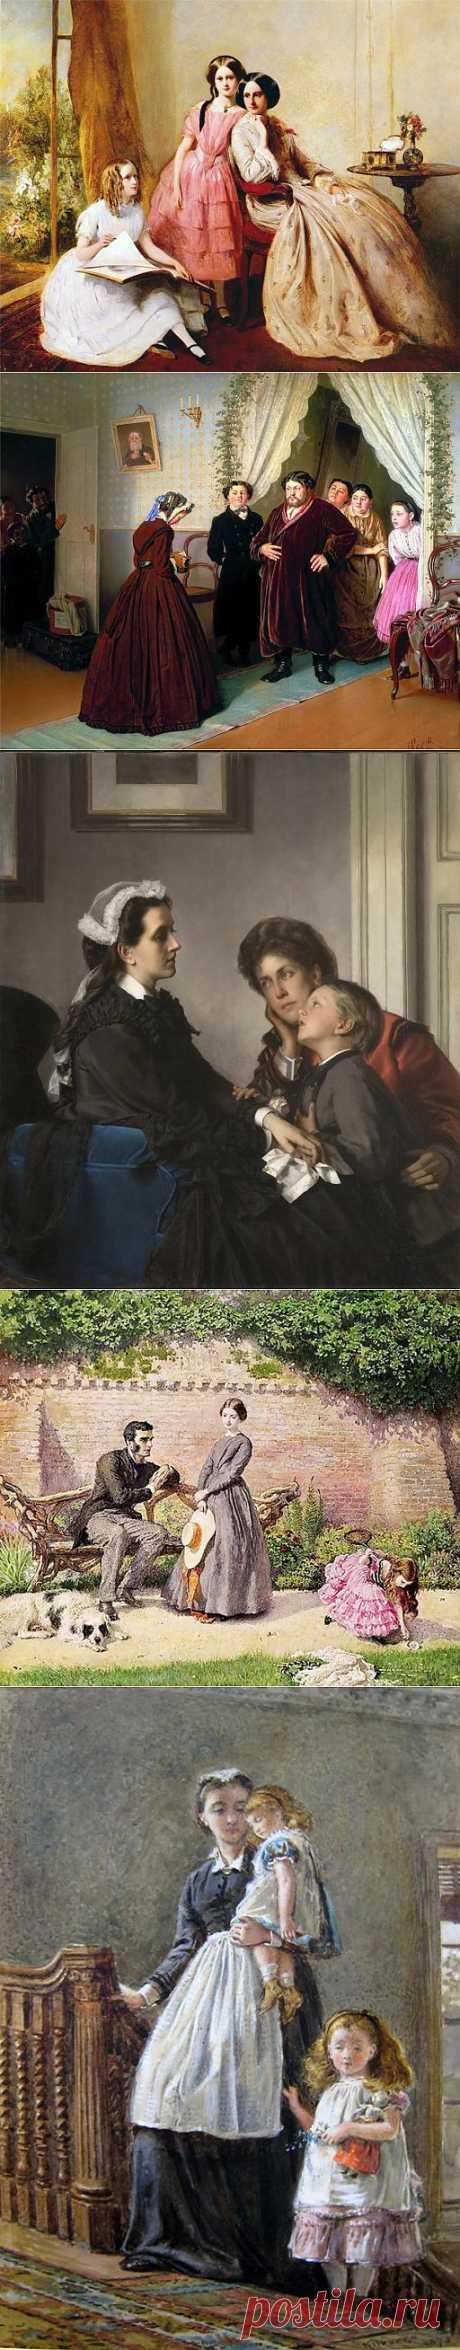 Гувернеры и гувернантки. Как наставляли дворянских детей.